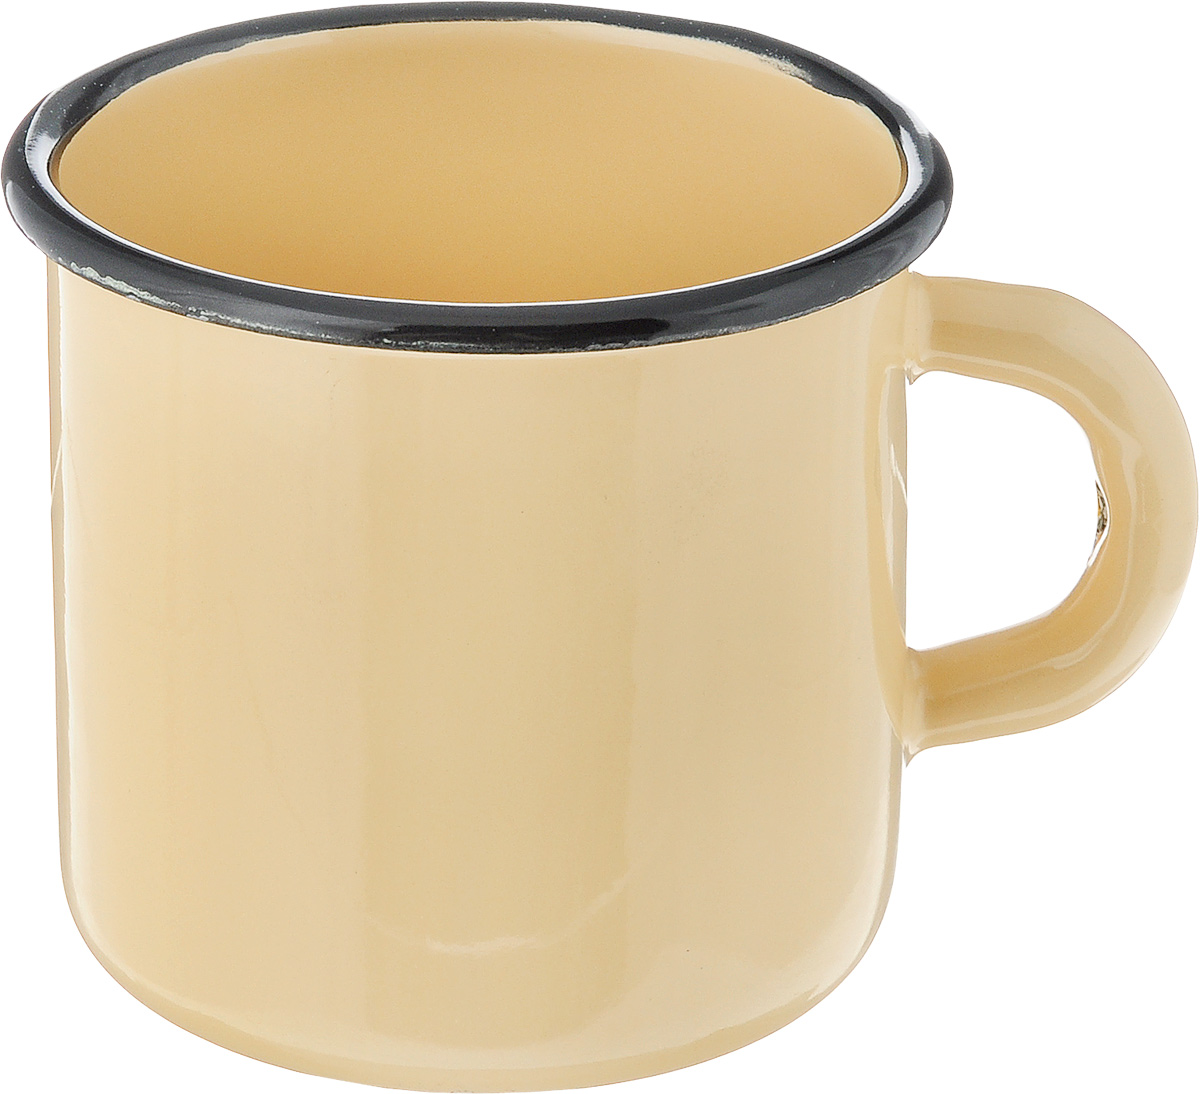 Кружка эмалированная СтальЭмаль, цвет: желтый, 400 мл54 009312Кружка СтальЭмаль изготовлена из высококачественной стали с эмалированным покрытием. Она оснащена удобной ручкой. Такая кружка не требует особого ухода и ее легко мыть.Благодаря классическому дизайну и удобству в использовании кружка займет достойное место на вашей кухне.